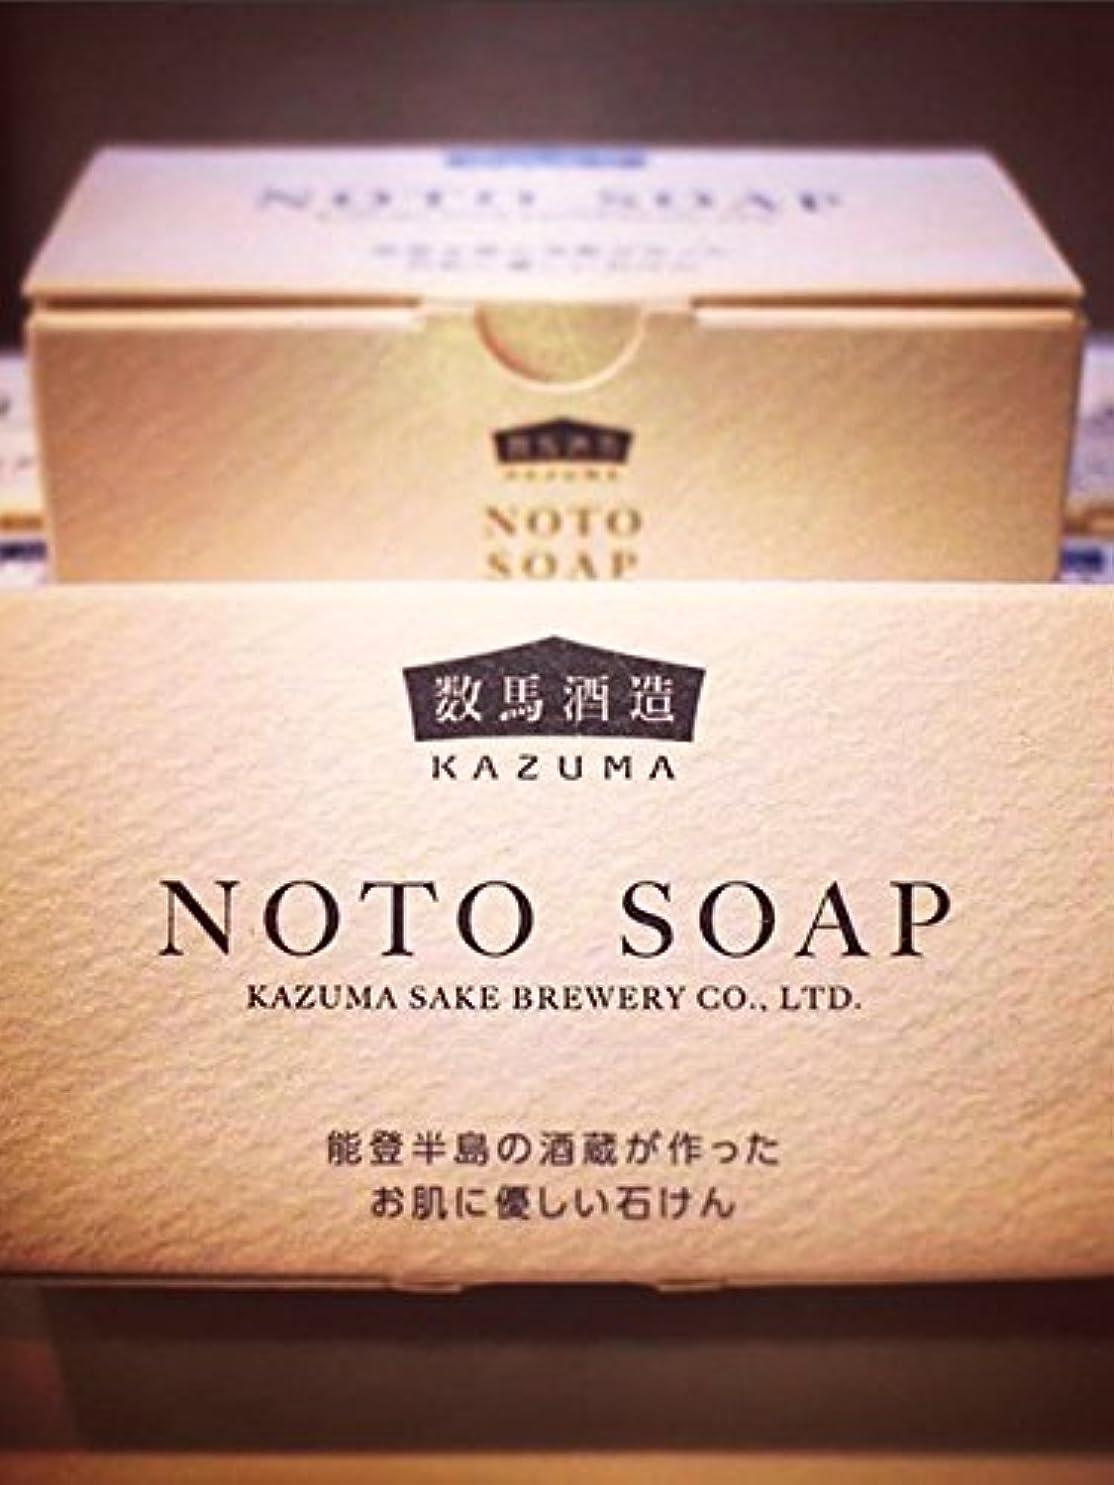 保険をかける落胆する捧げる竹葉 NOTO SOAP 酒粕石鹸 1個80g